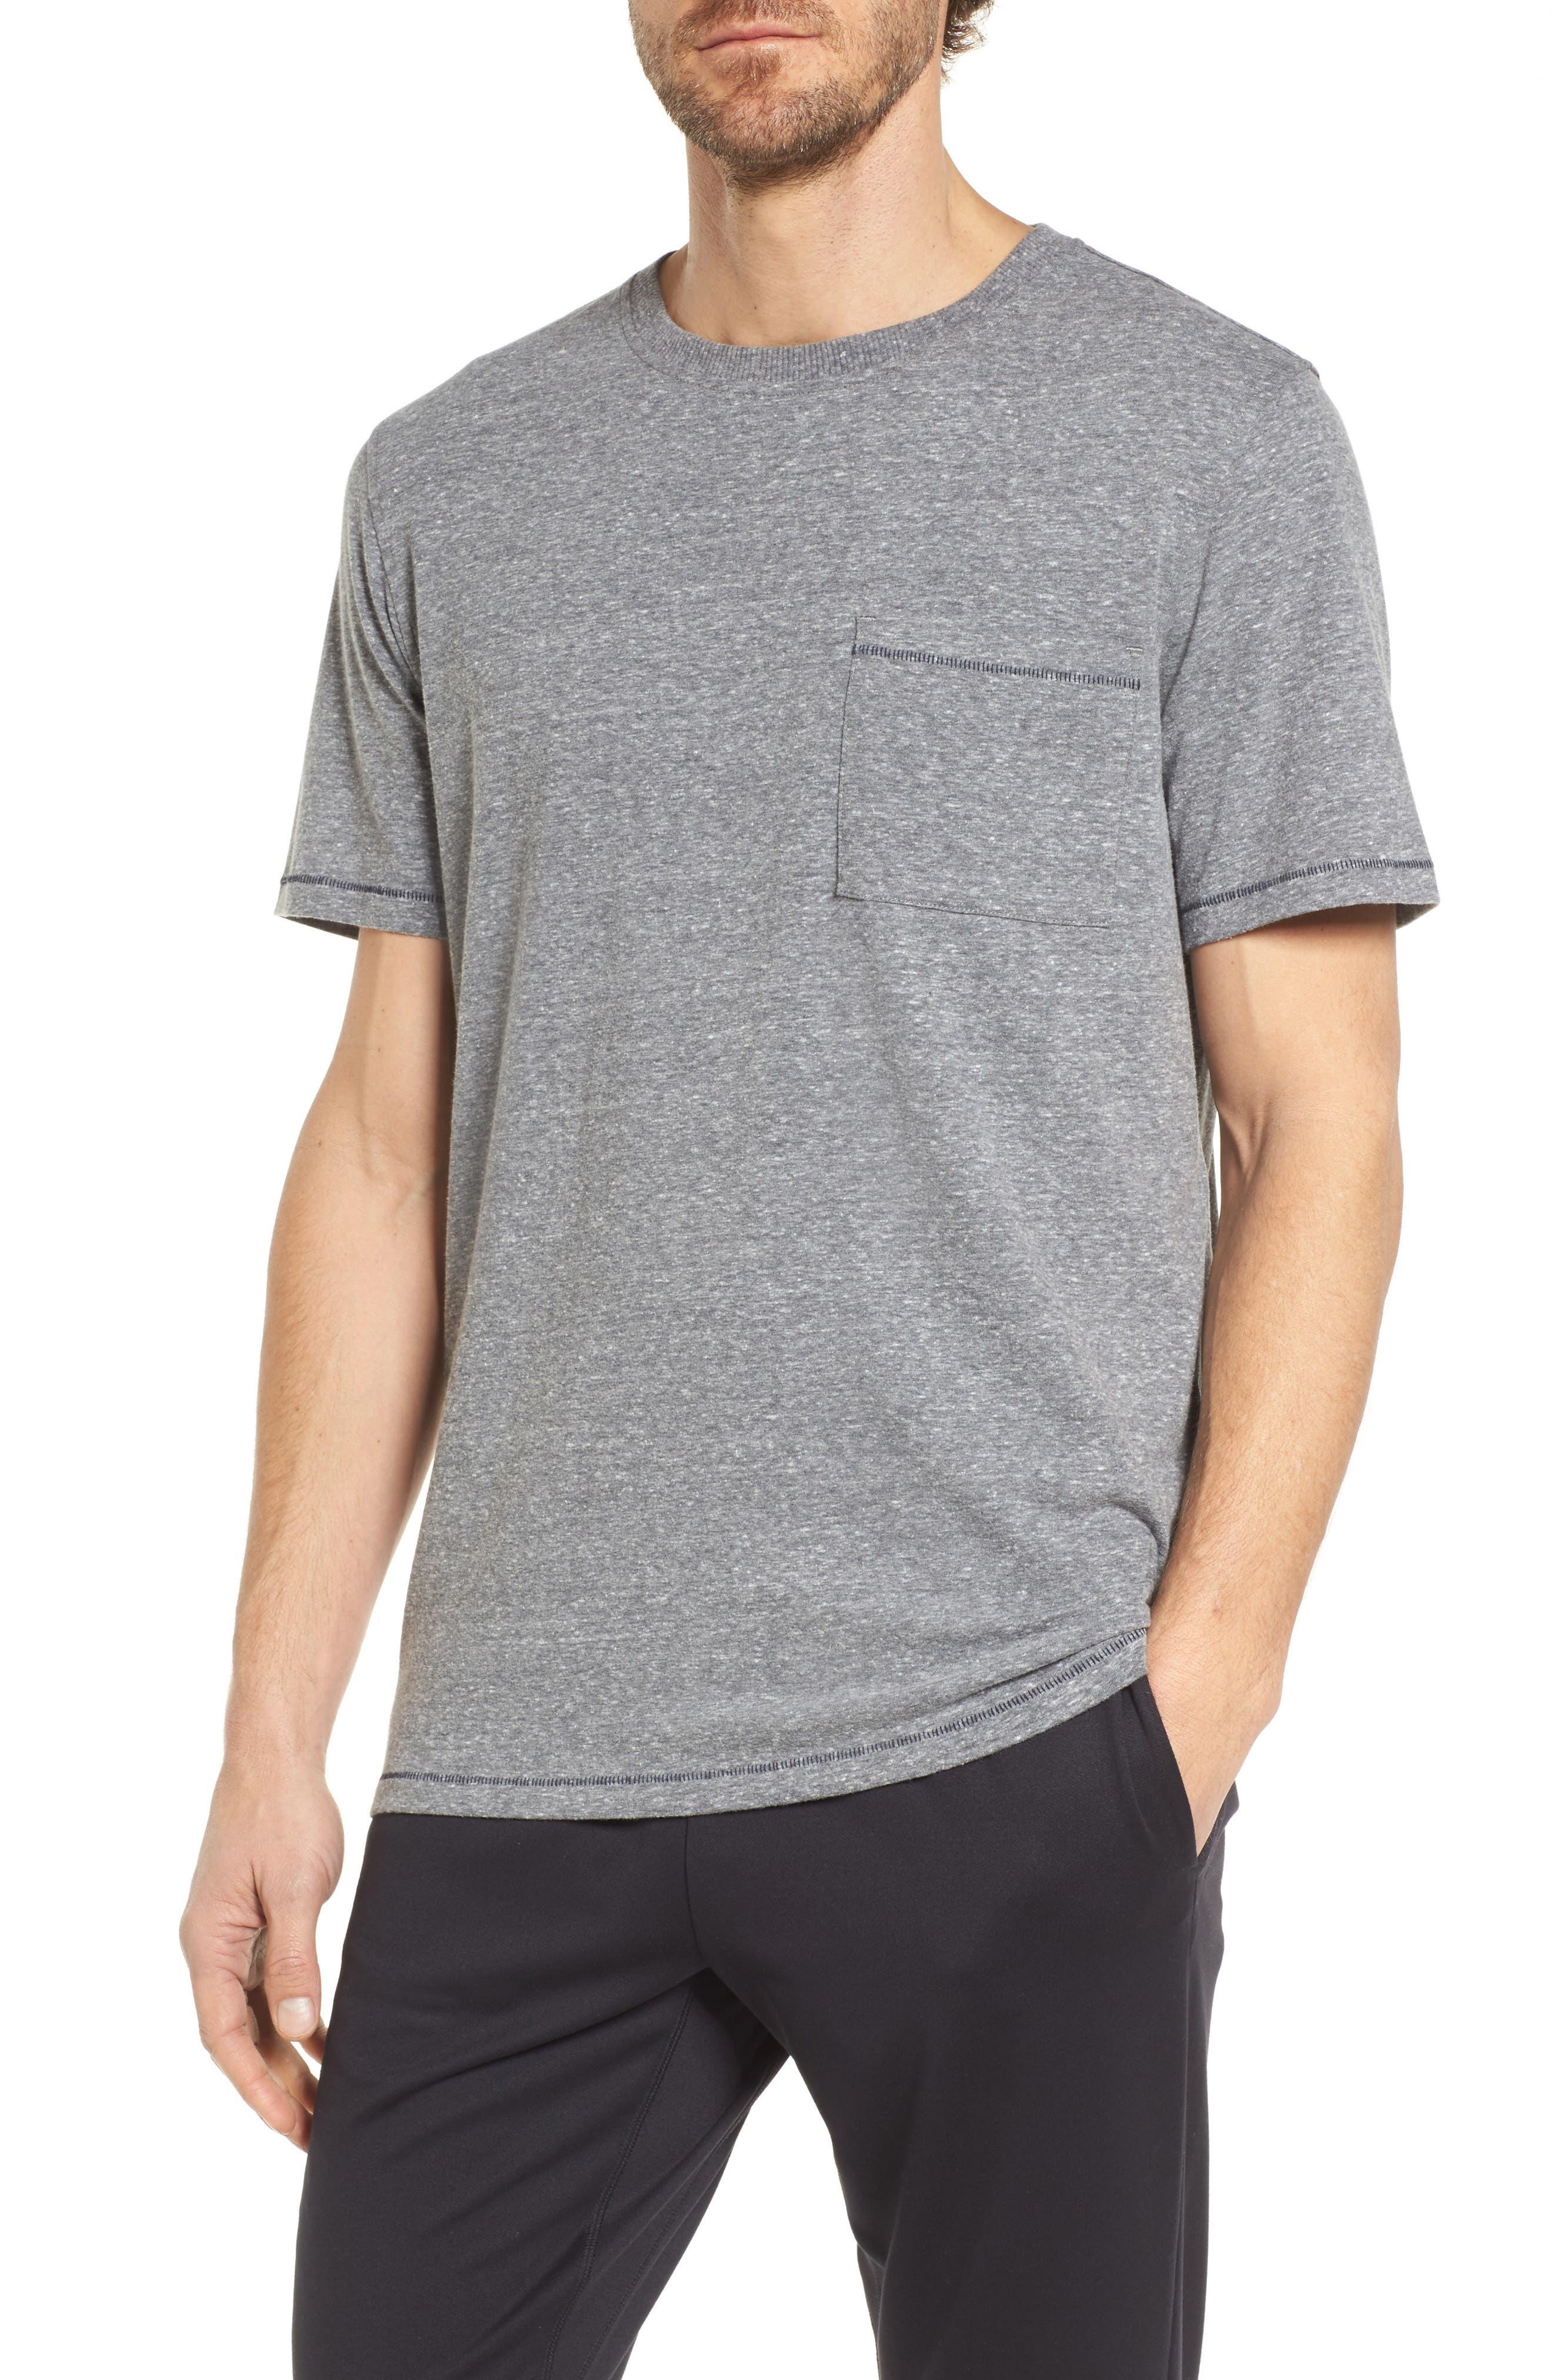 Benjamin Crewneck T-Shirt,                             Main thumbnail 1, color,                             GREY HEATHER